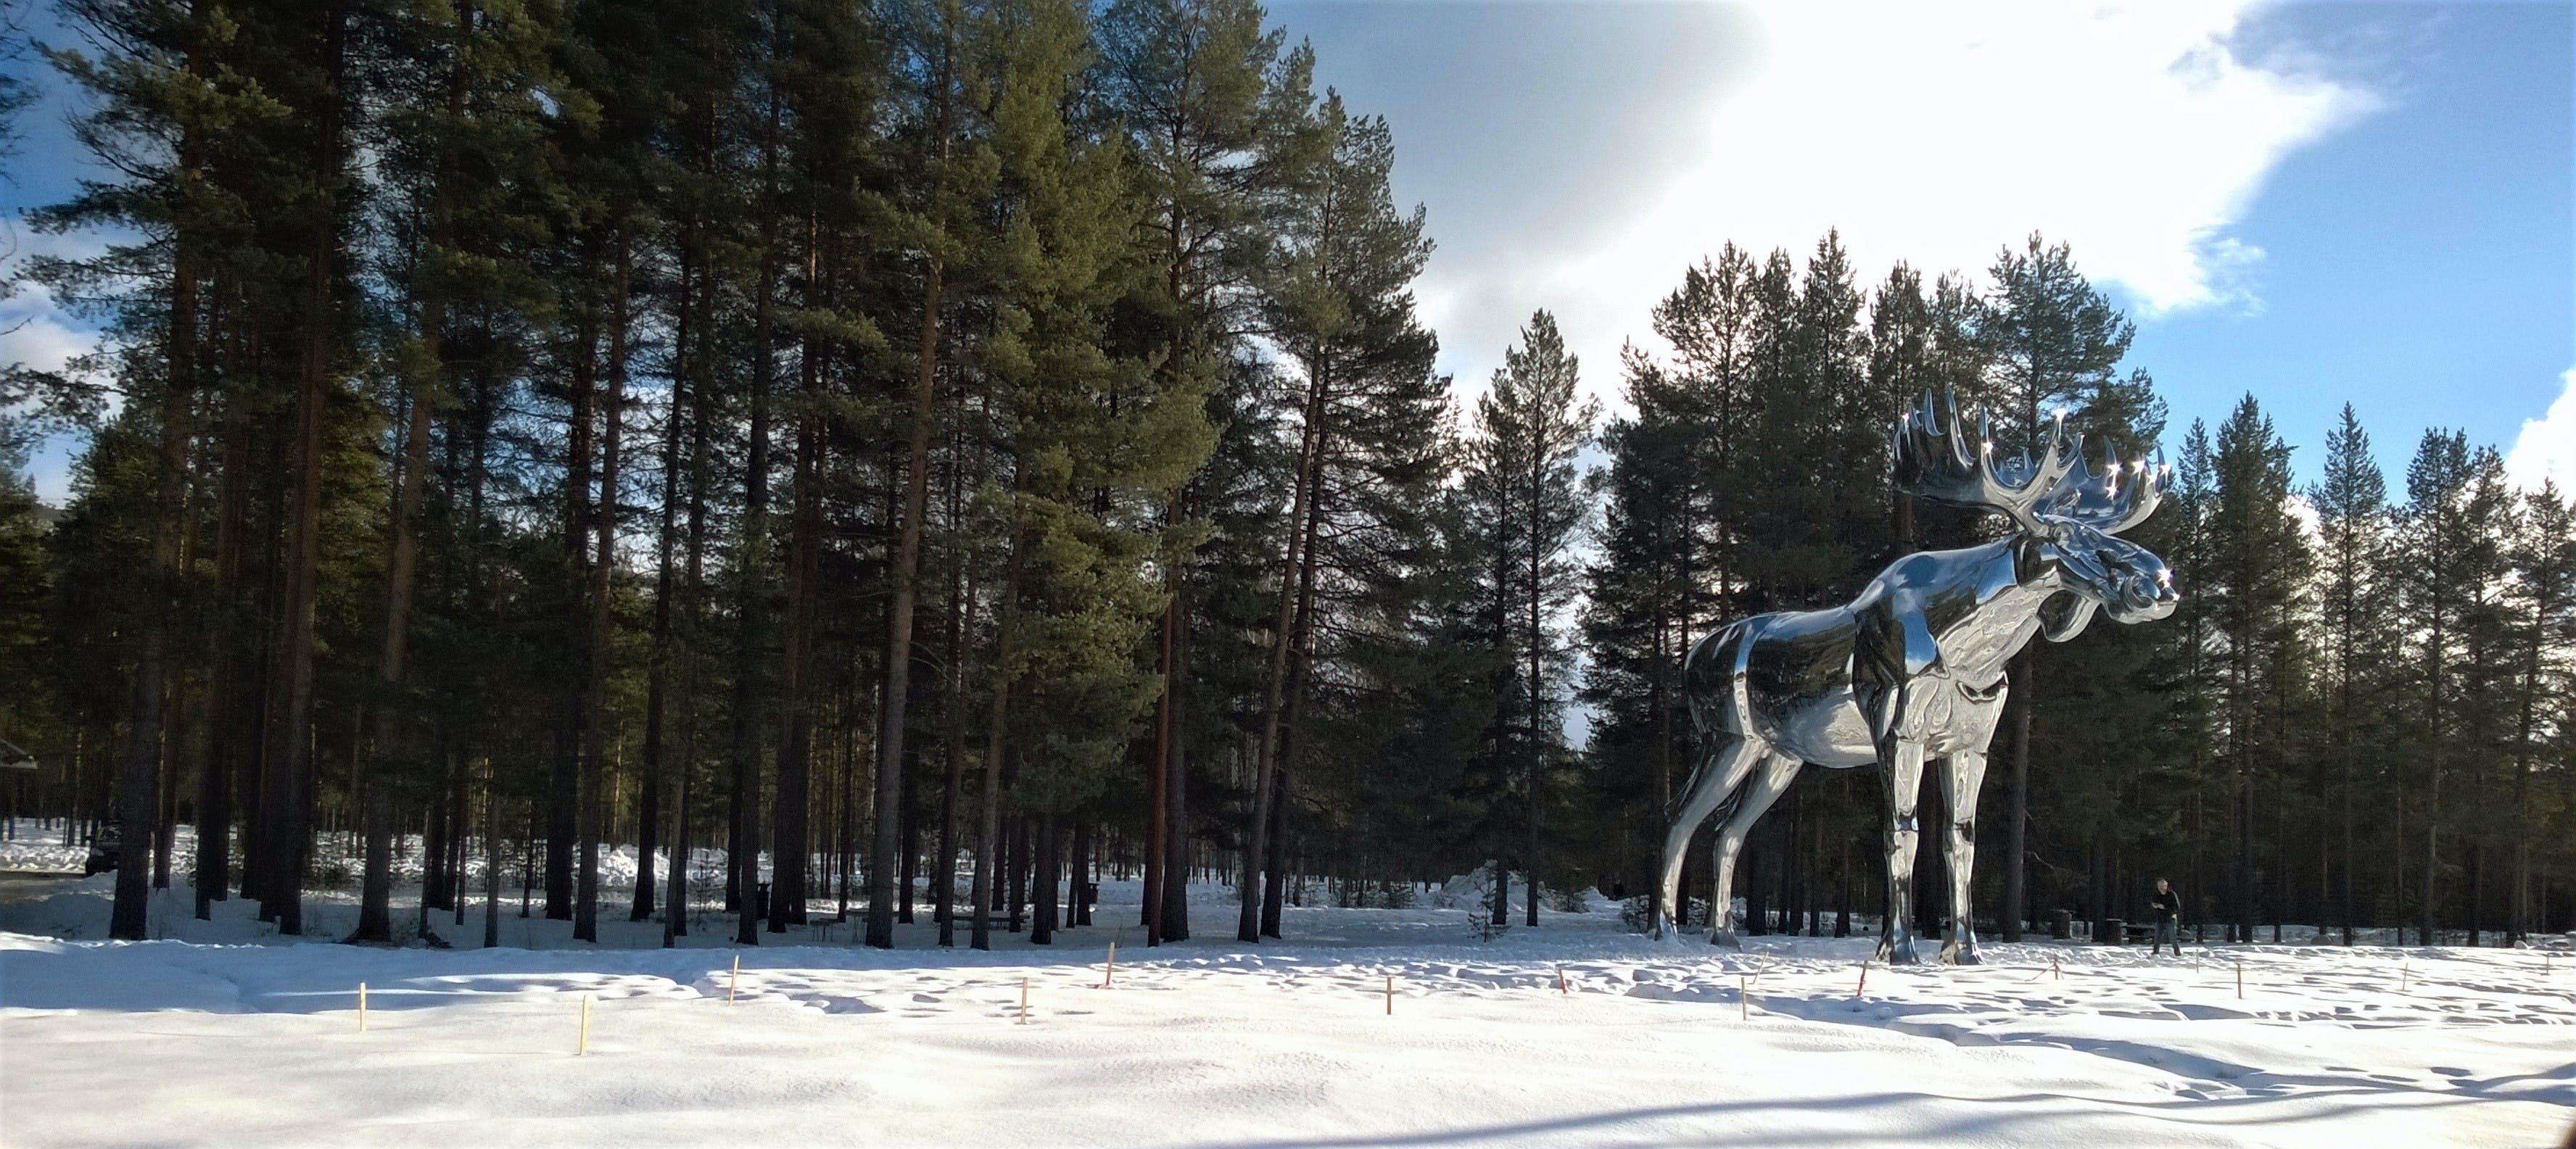 Silver Moose Statue Near Tree